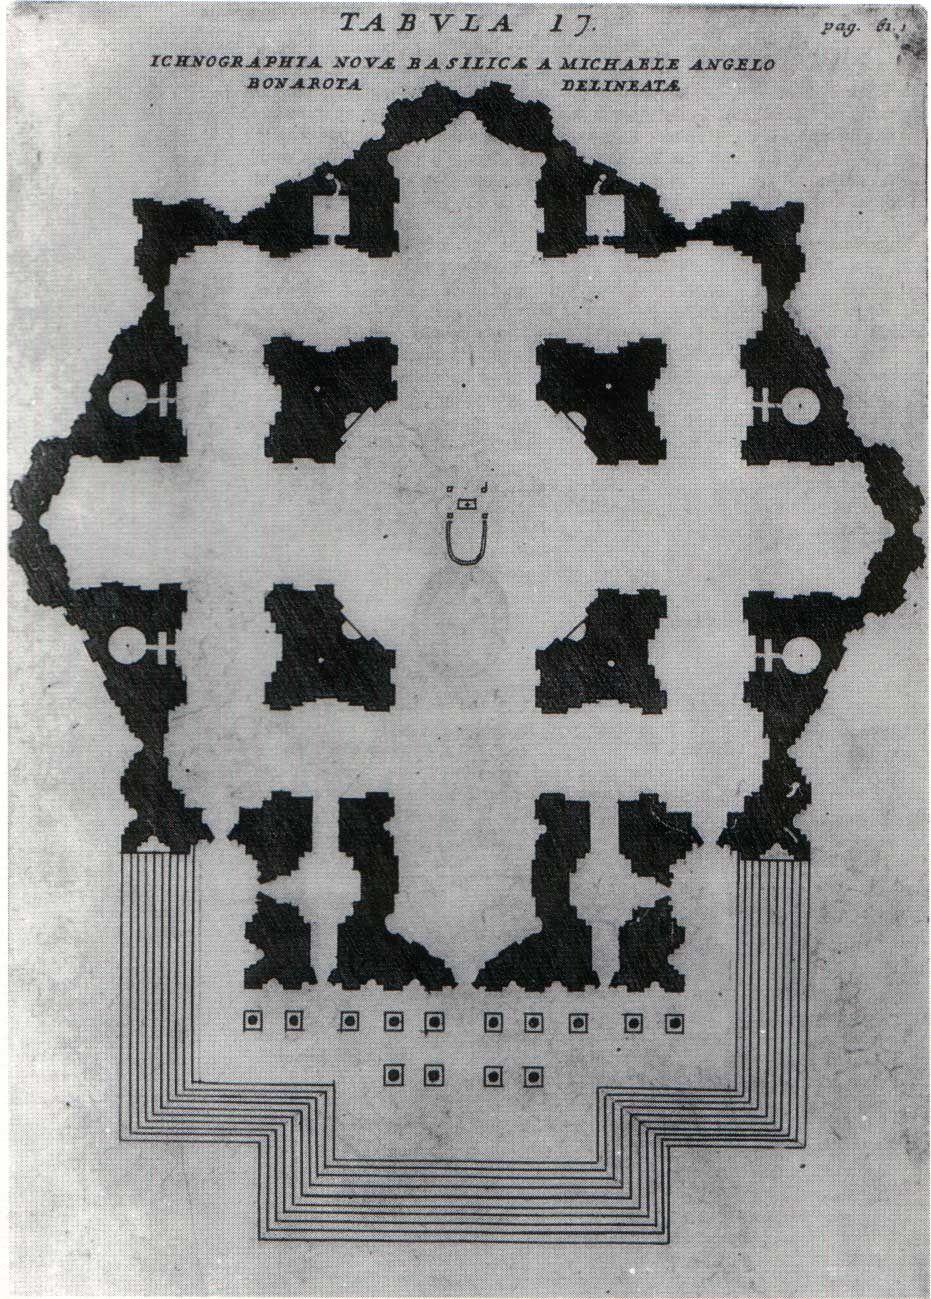 Michelangelo's plan for St Peter's,  published in Filippo Bonanni,   Numismata Pontificum Romanorum Templi Vaticani  Fabbricam indicantia, 2nd edition, Rome 1715, tav 17